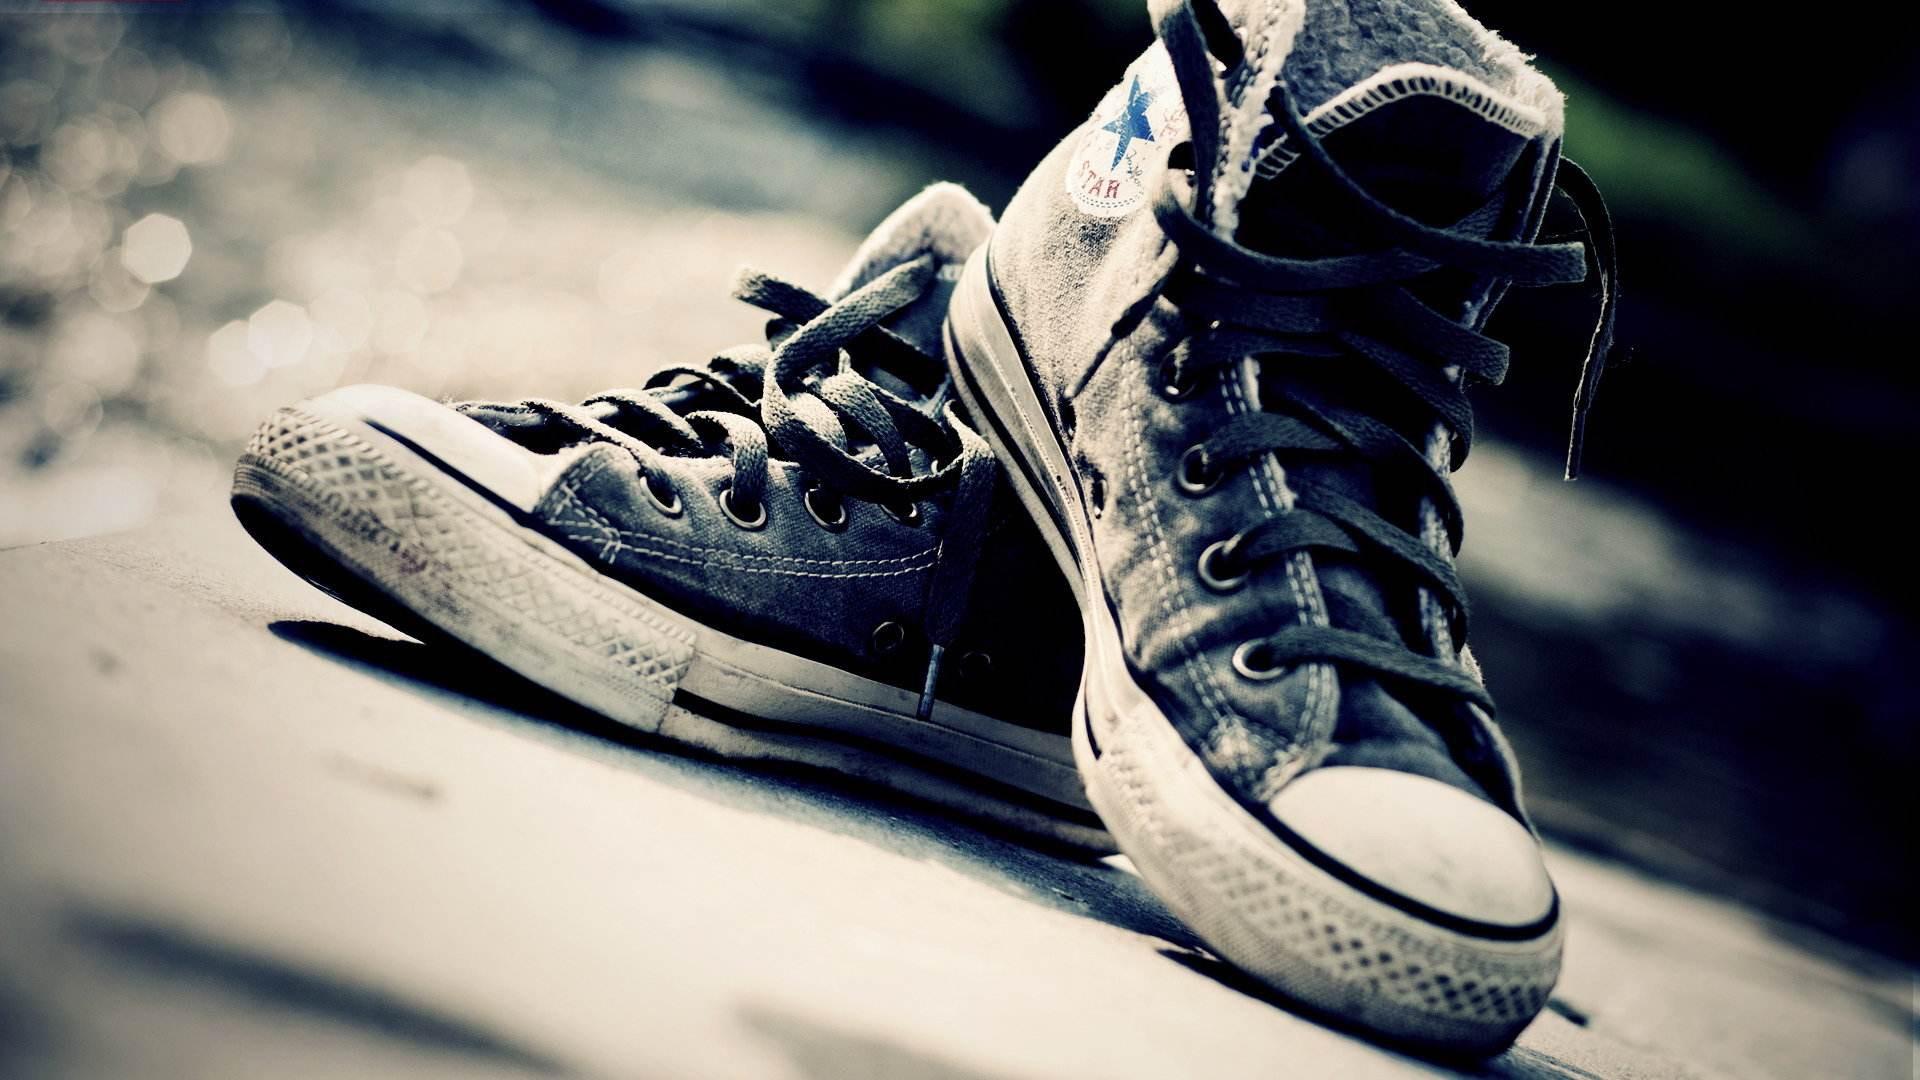 匡威帆布鞋搭配 来教教你搭配